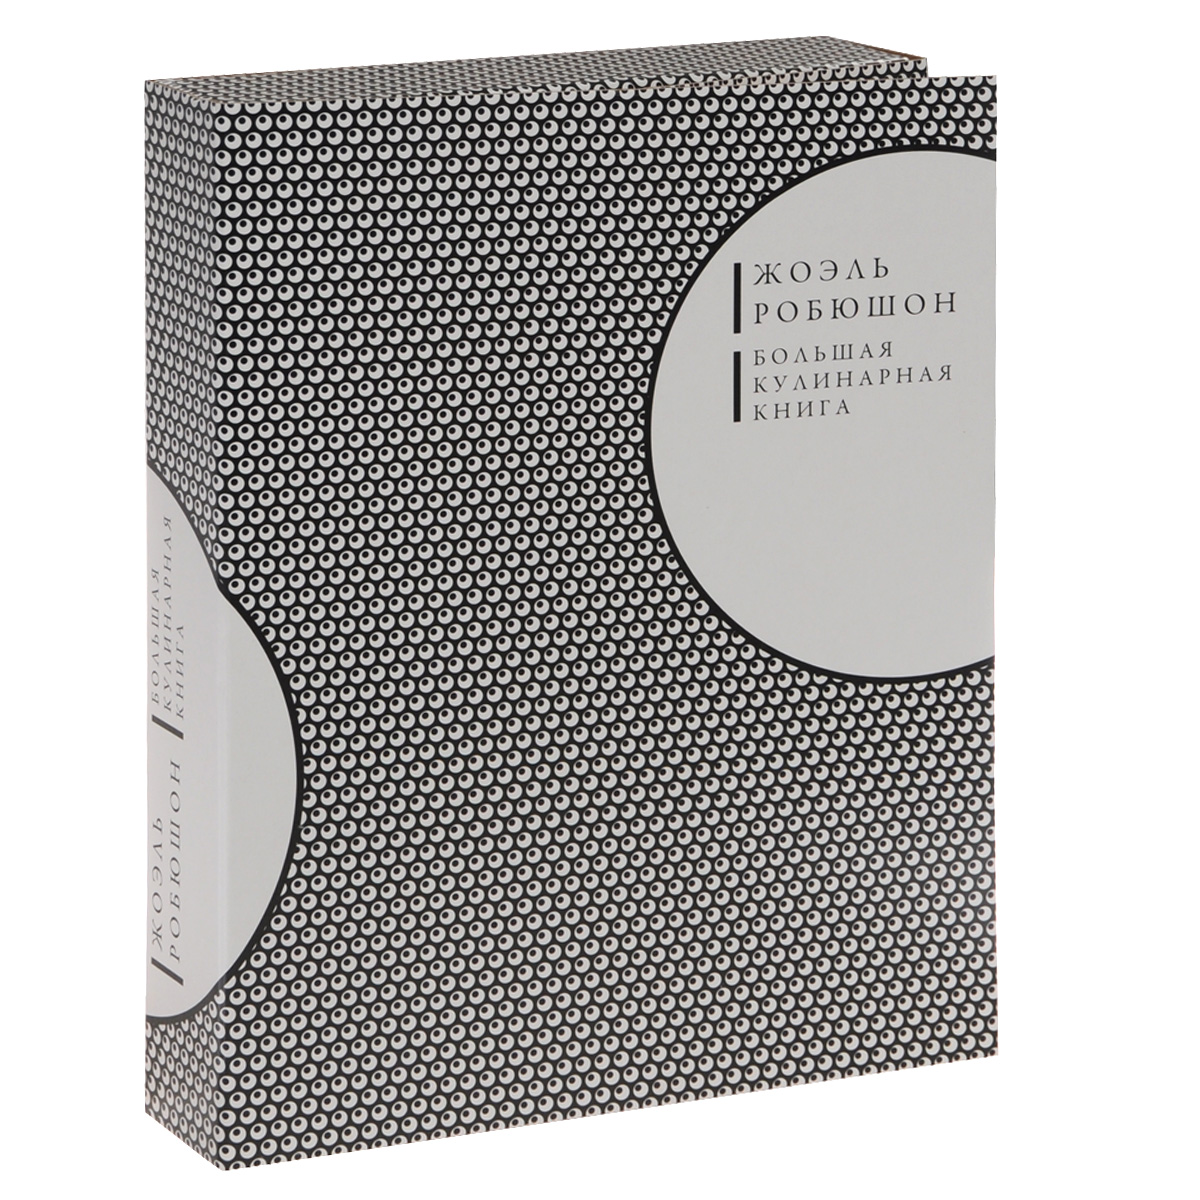 Жоэль Робюшон Большая кулинарная книга самокат большая кулинарная книга городка с 6 лет